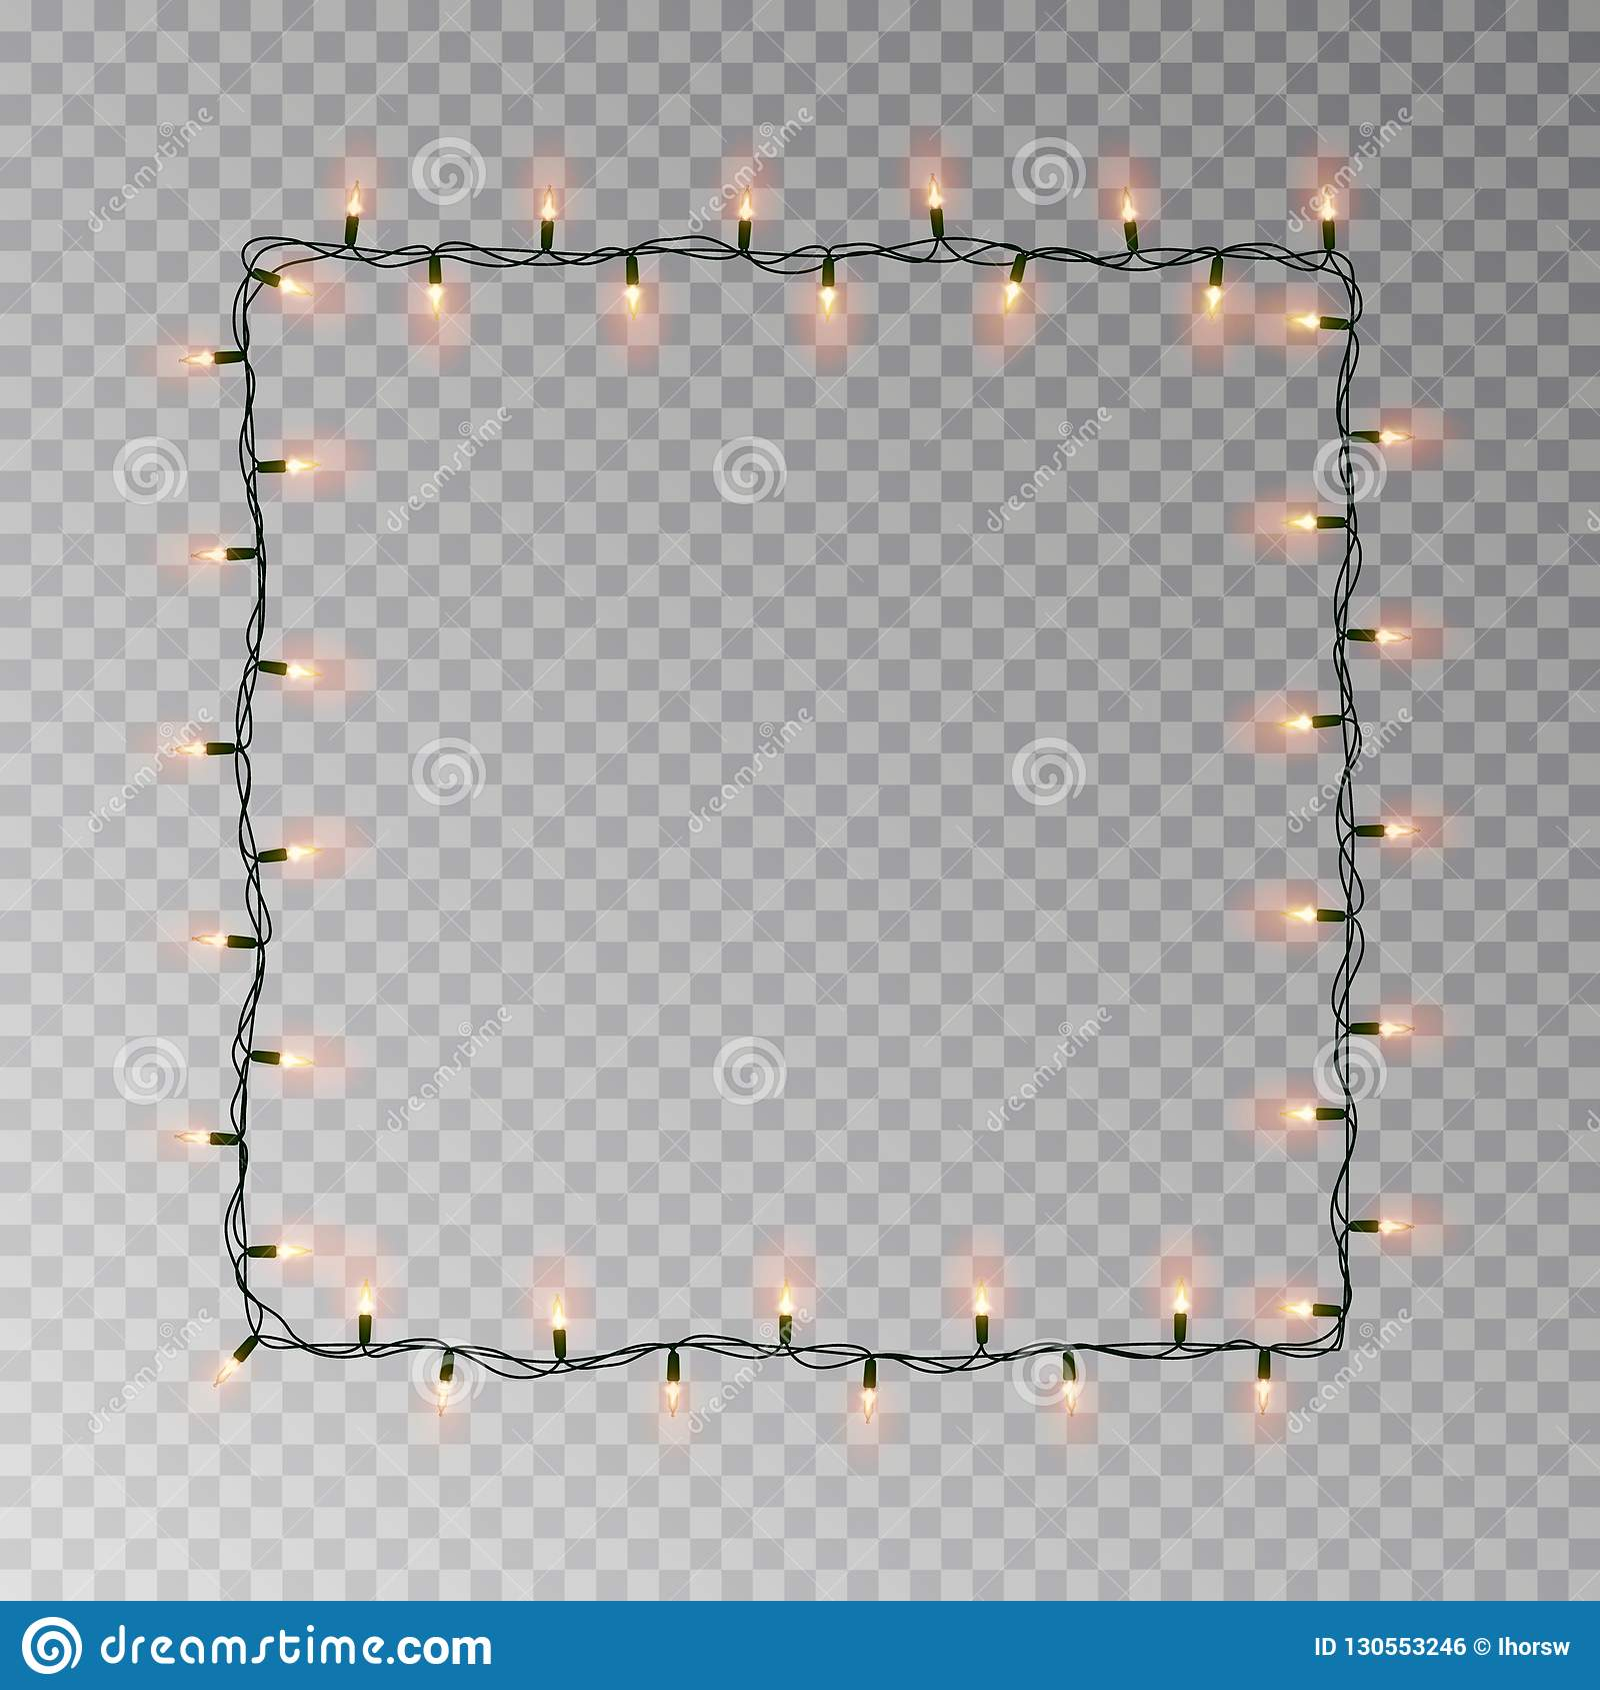 Vetor quadrado das luzes de Natal, quadro claro da corda isolado no fundo escuro com espaço da cópia tran